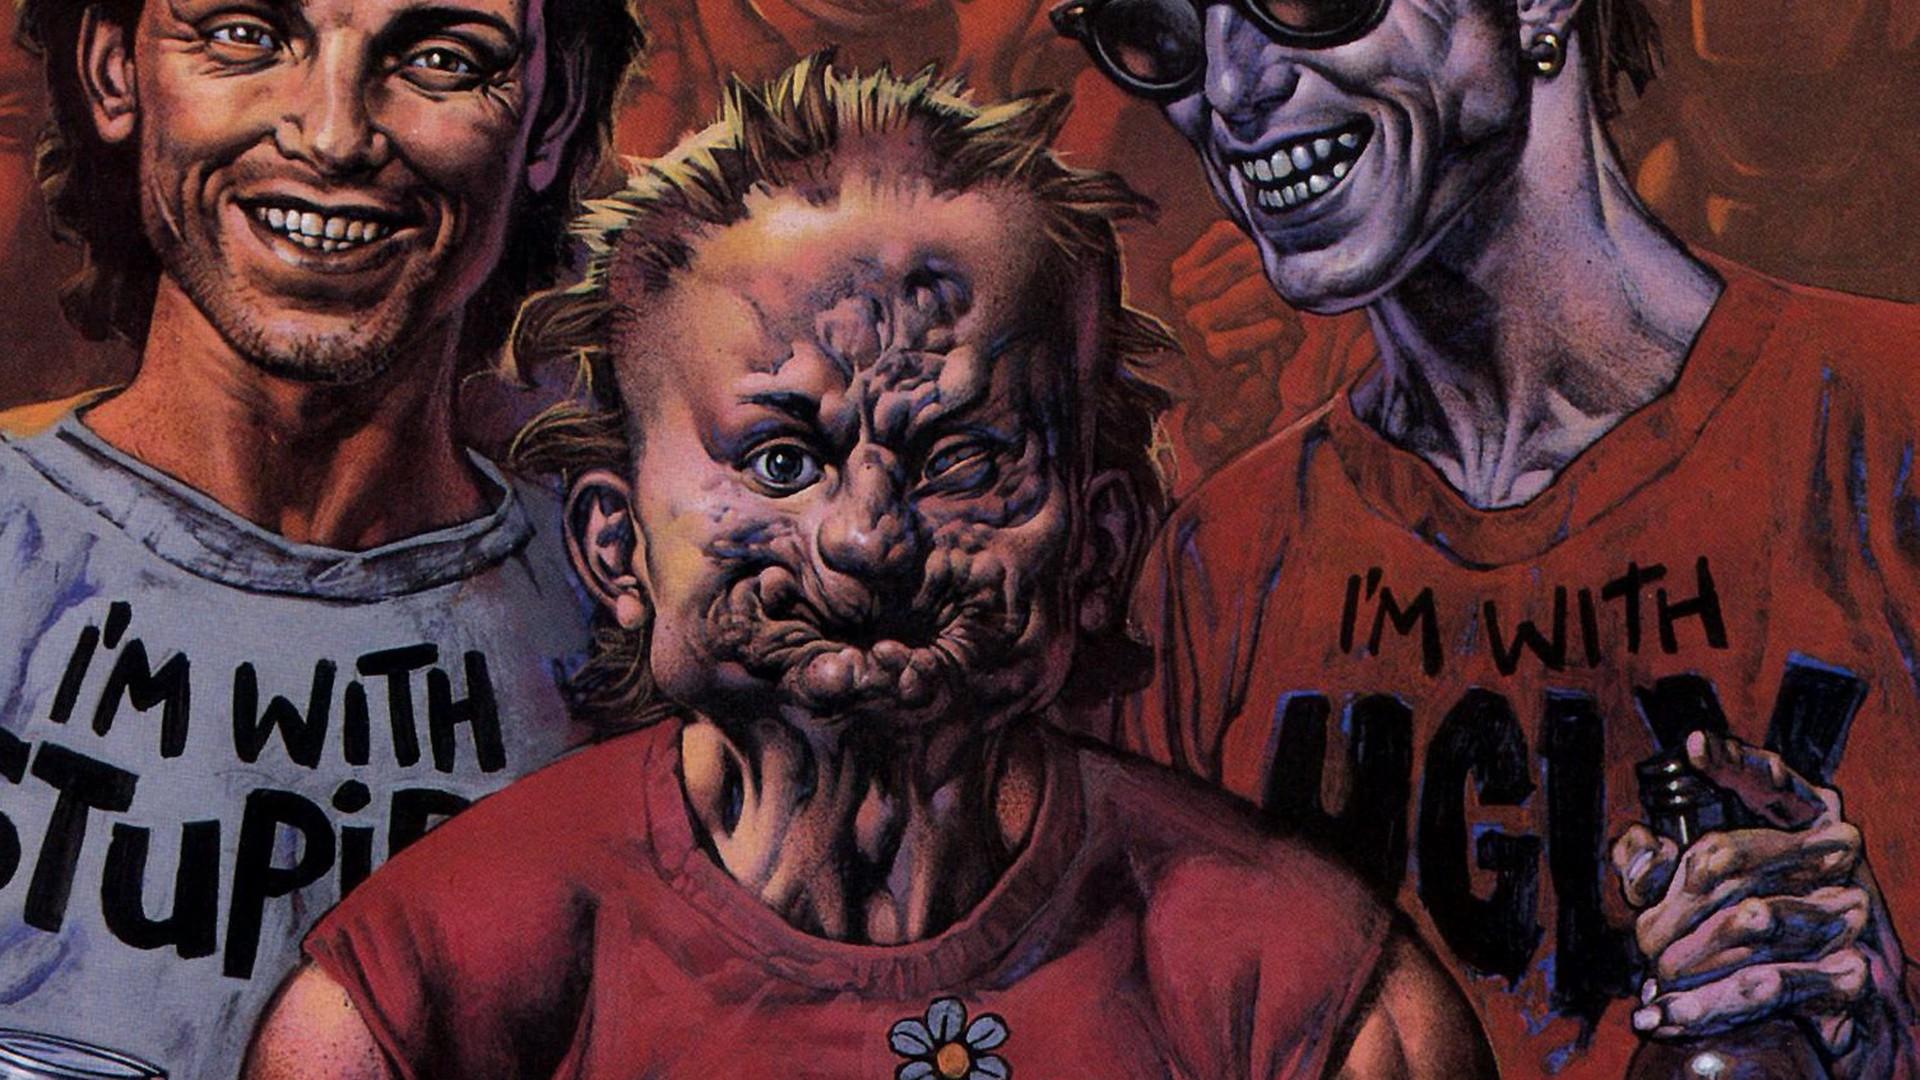 creepy-comics-smiling-artwork-Preacher-Vertigo-Comics-_171136-32.jpg